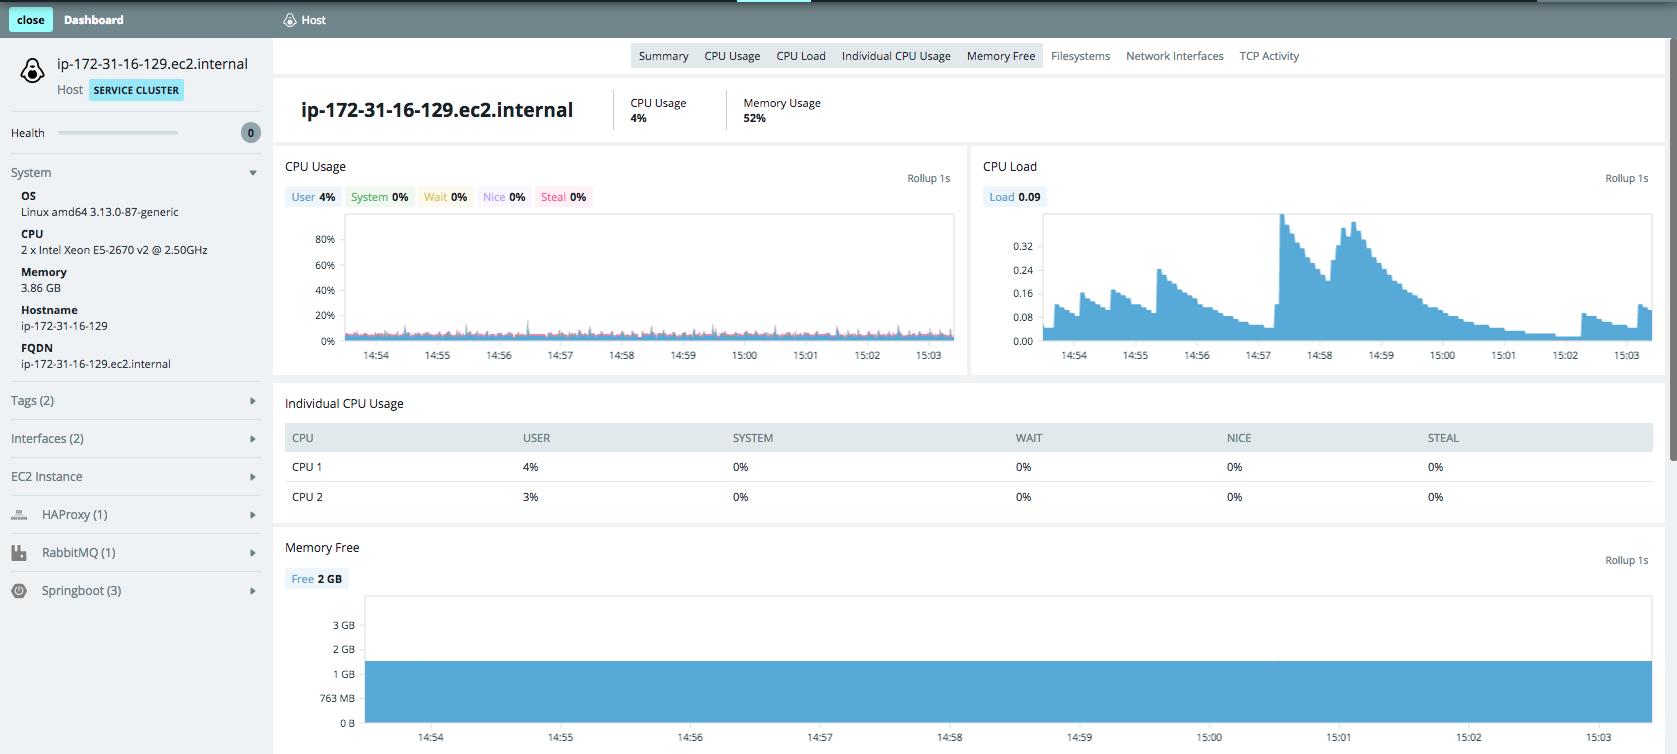 Обзор системы мониторинга приложений Instana - 12